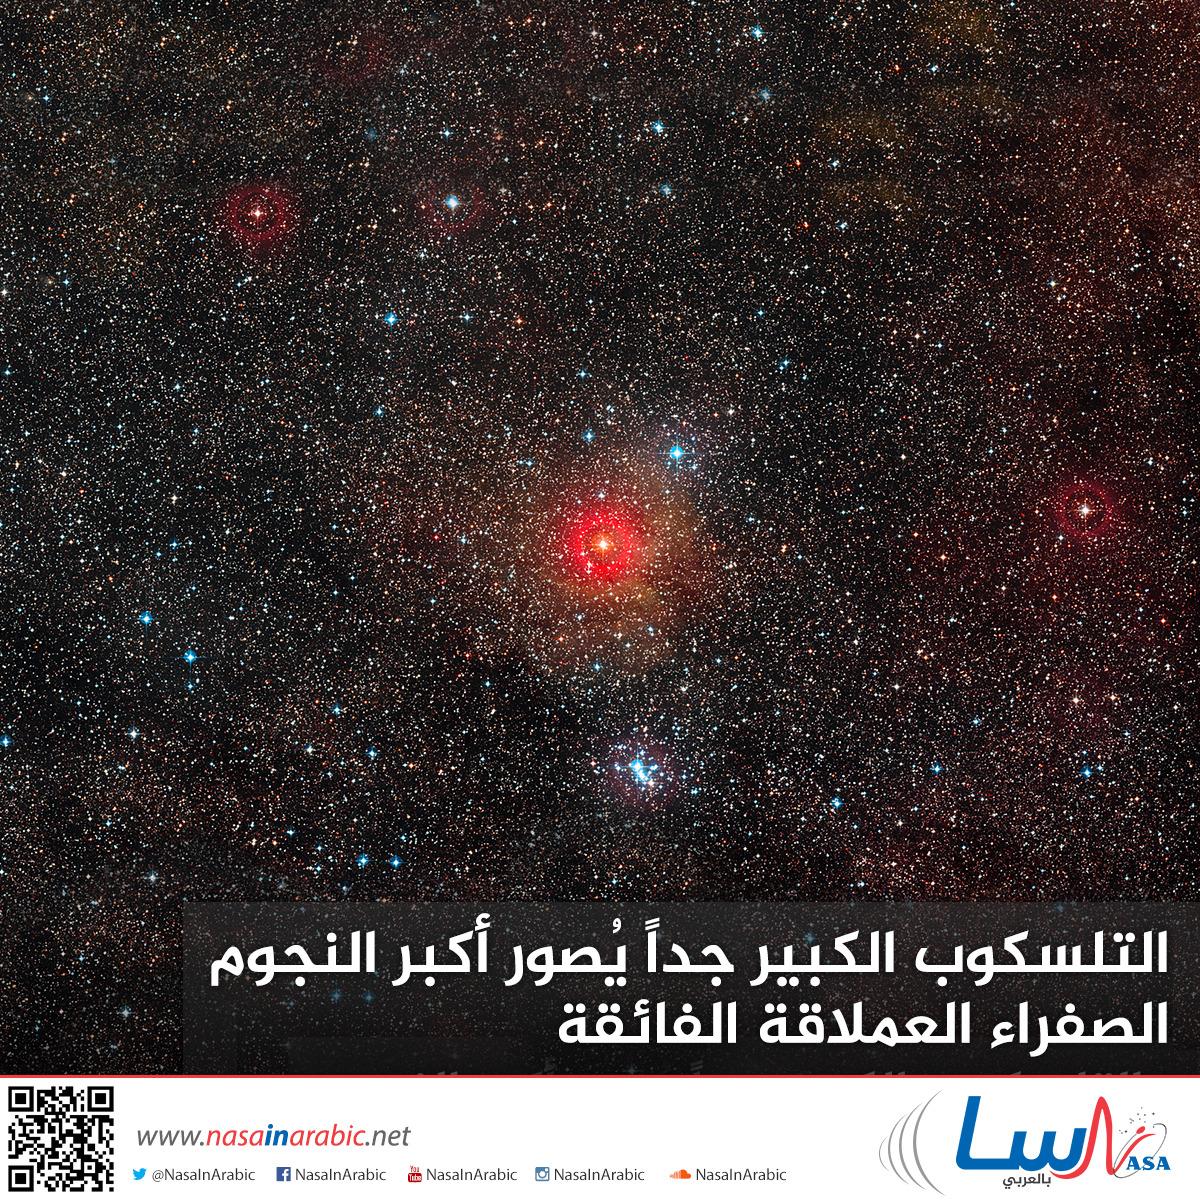 التلسكوب الكبير جداً يُصور أكبر النجوم الصفراء العملاقة الفائقة